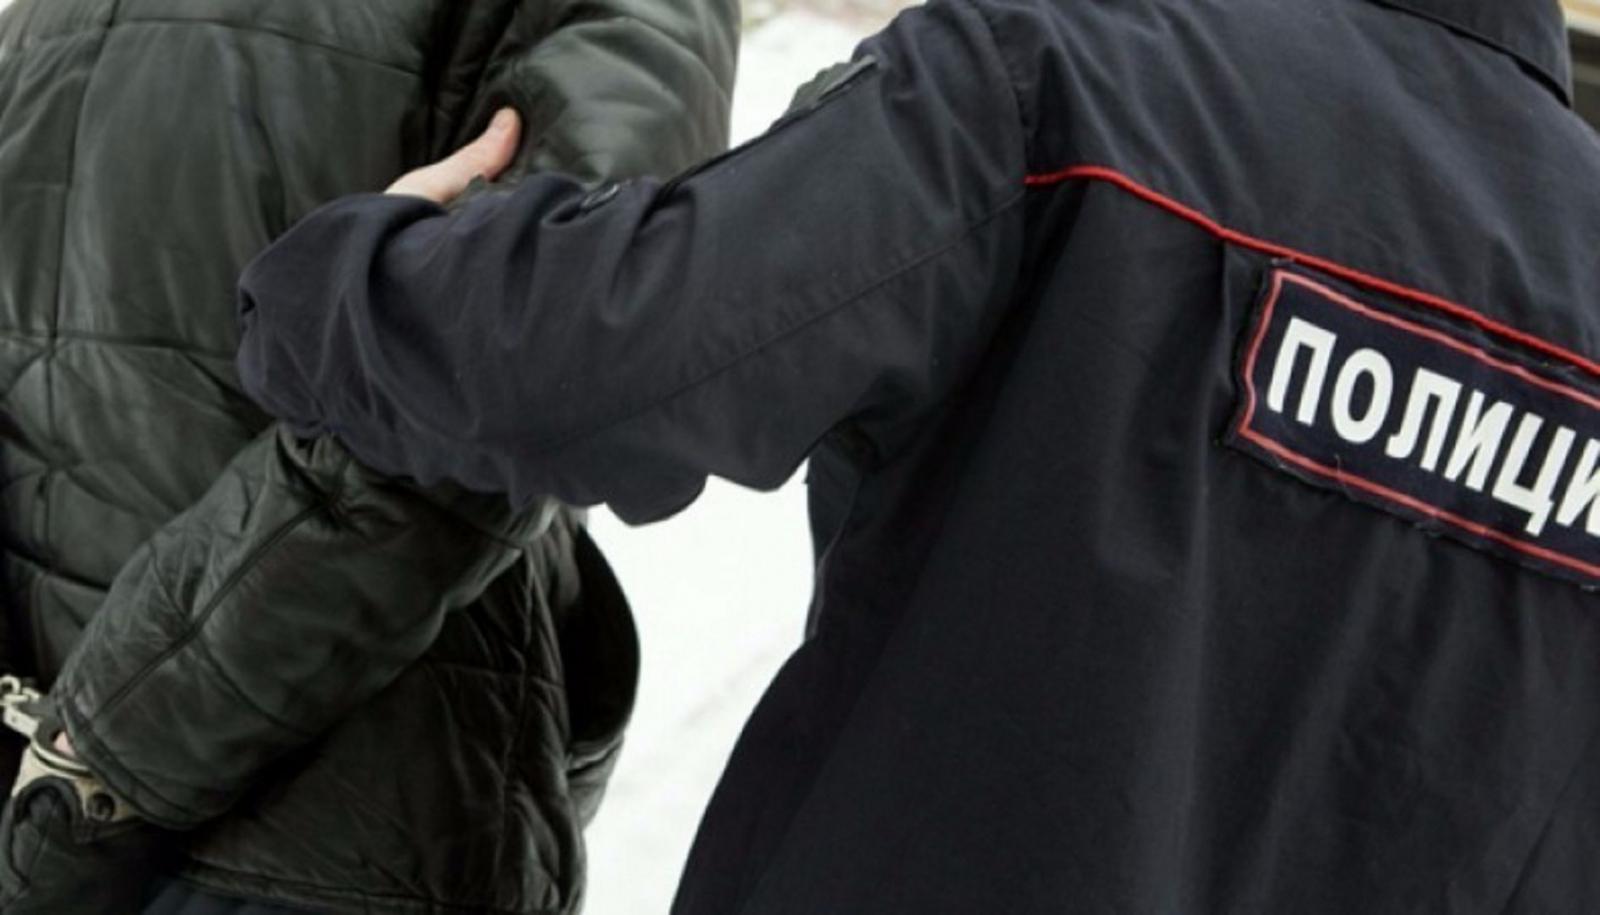 На суде сказал, что больше так не будет. 1 января житель посёлка 1-е Мая Конаковского района, напившись, вышел на улицу и начал буянить: громко ругаться матом и размахивать руками. На такое